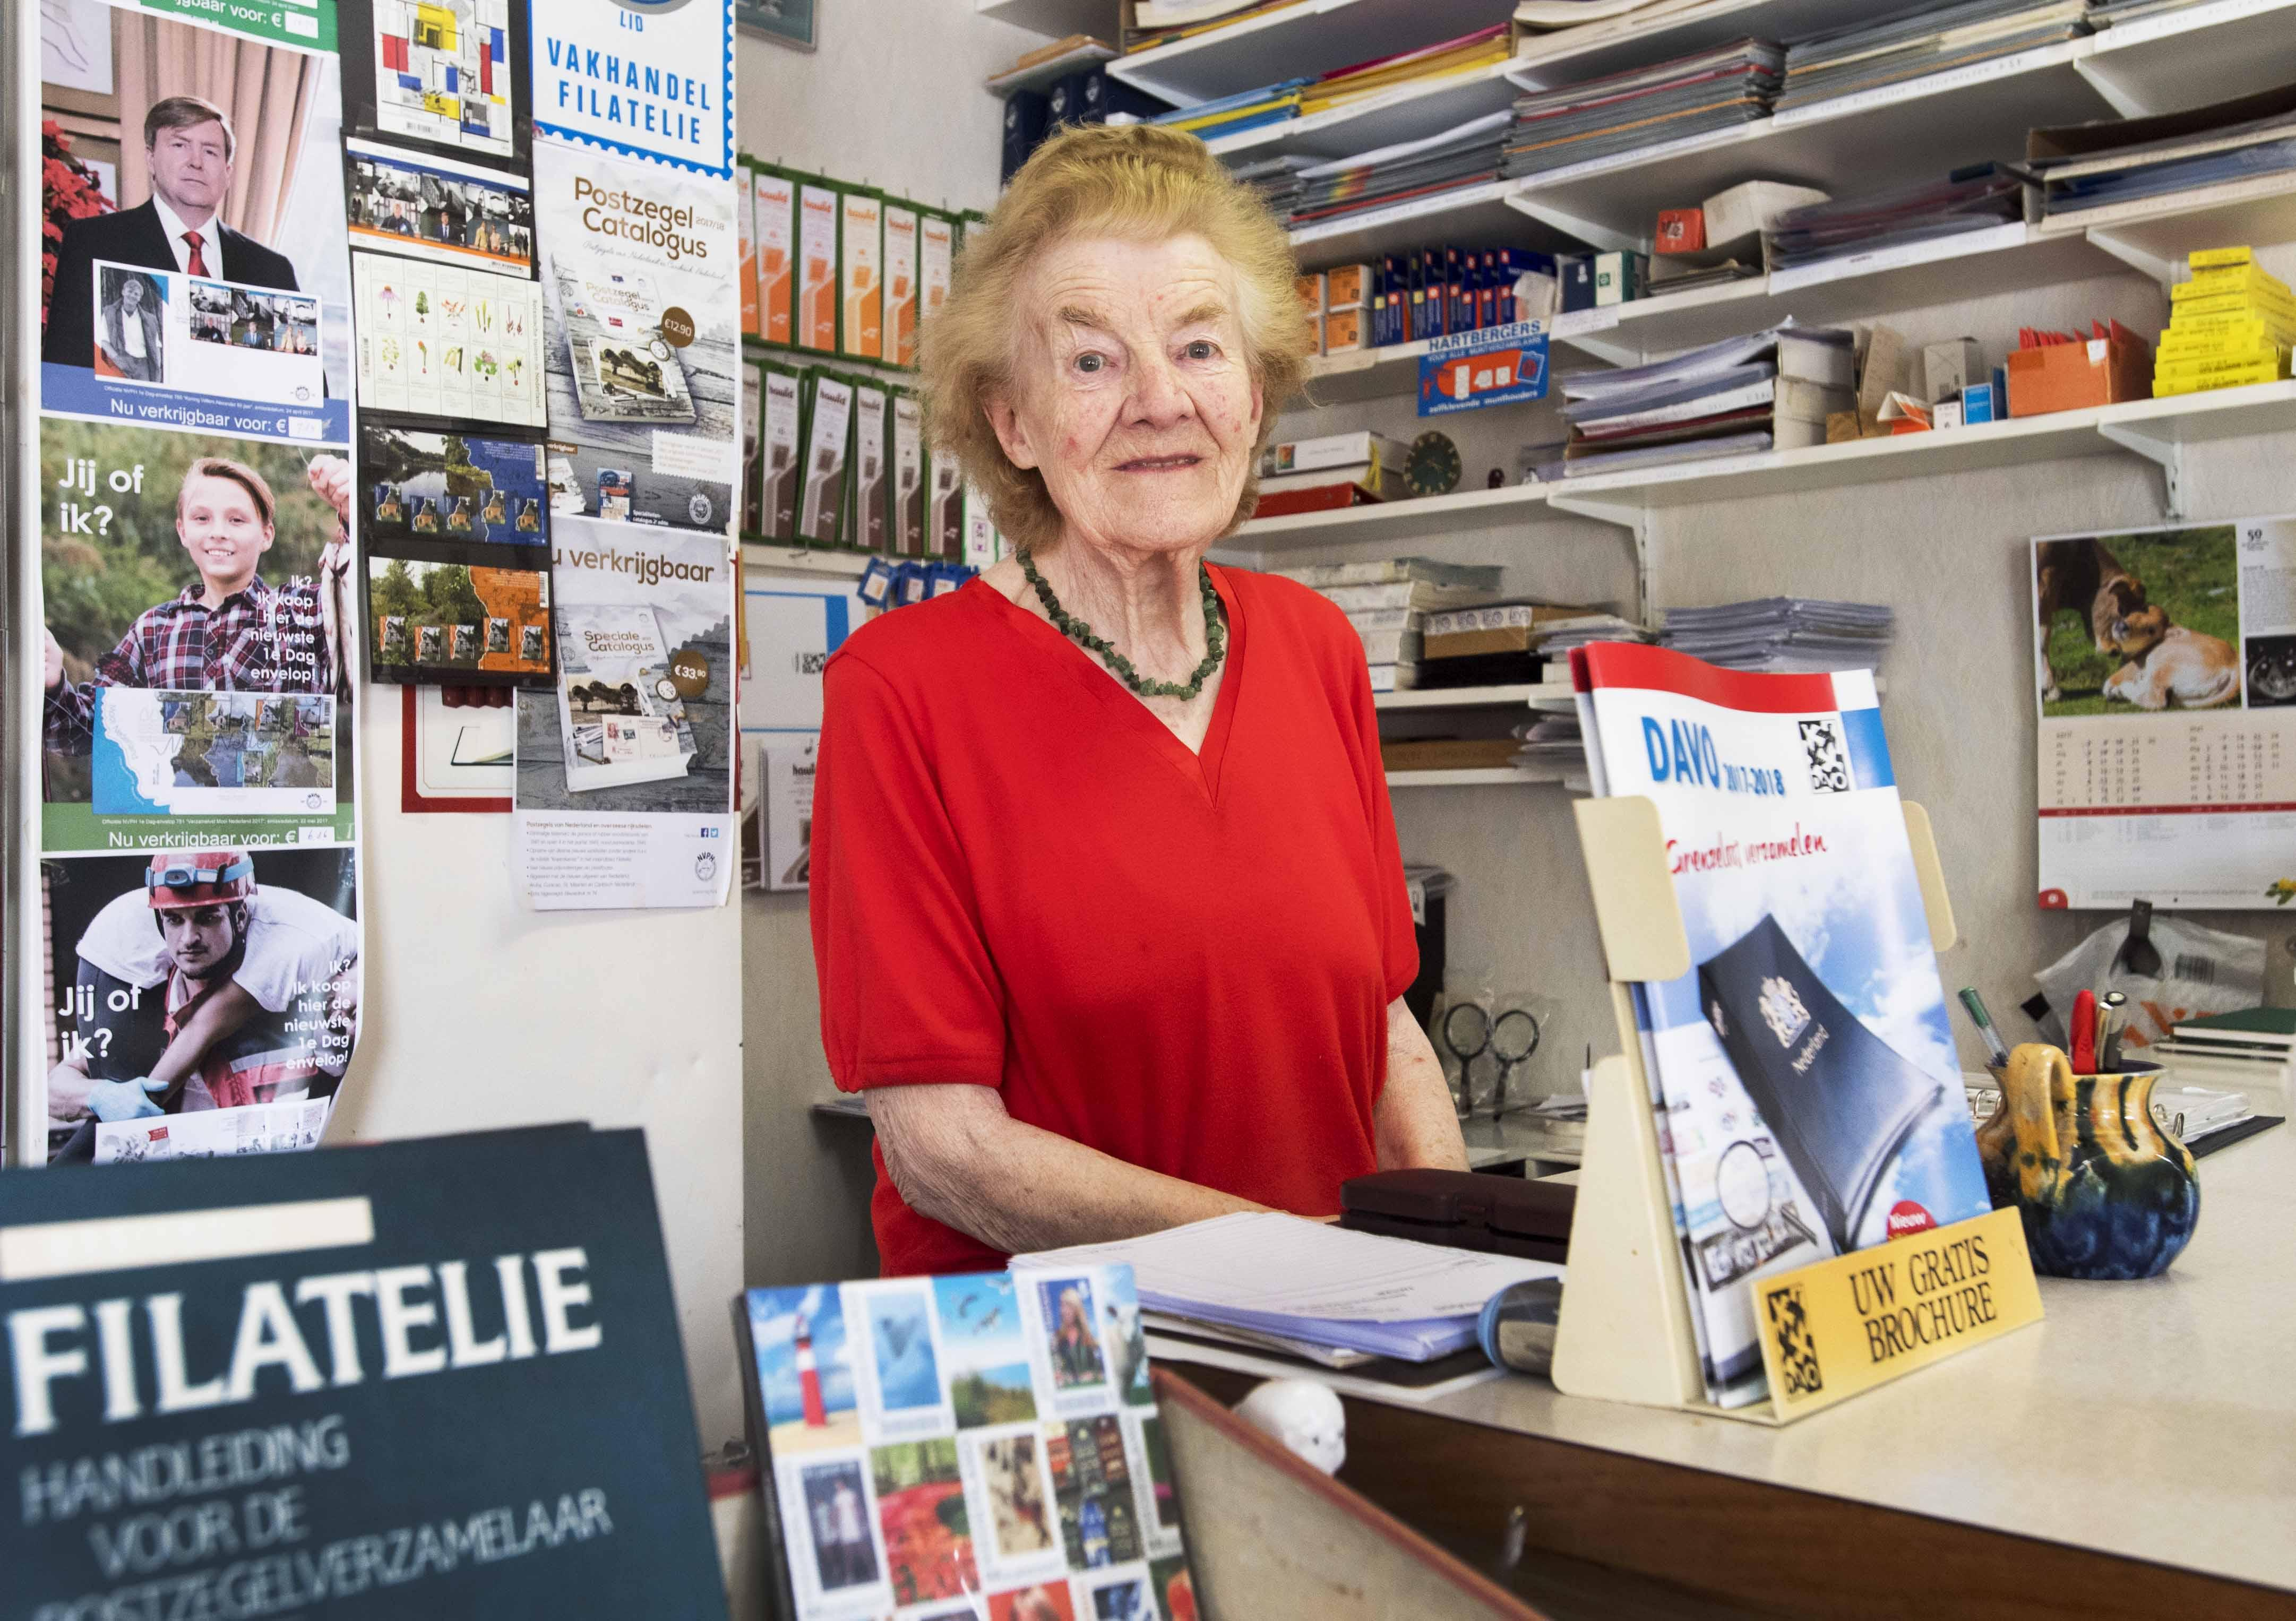 Postzegelwinkel IJmuiden: 'Pak je postzegelverzameling weer eens op'